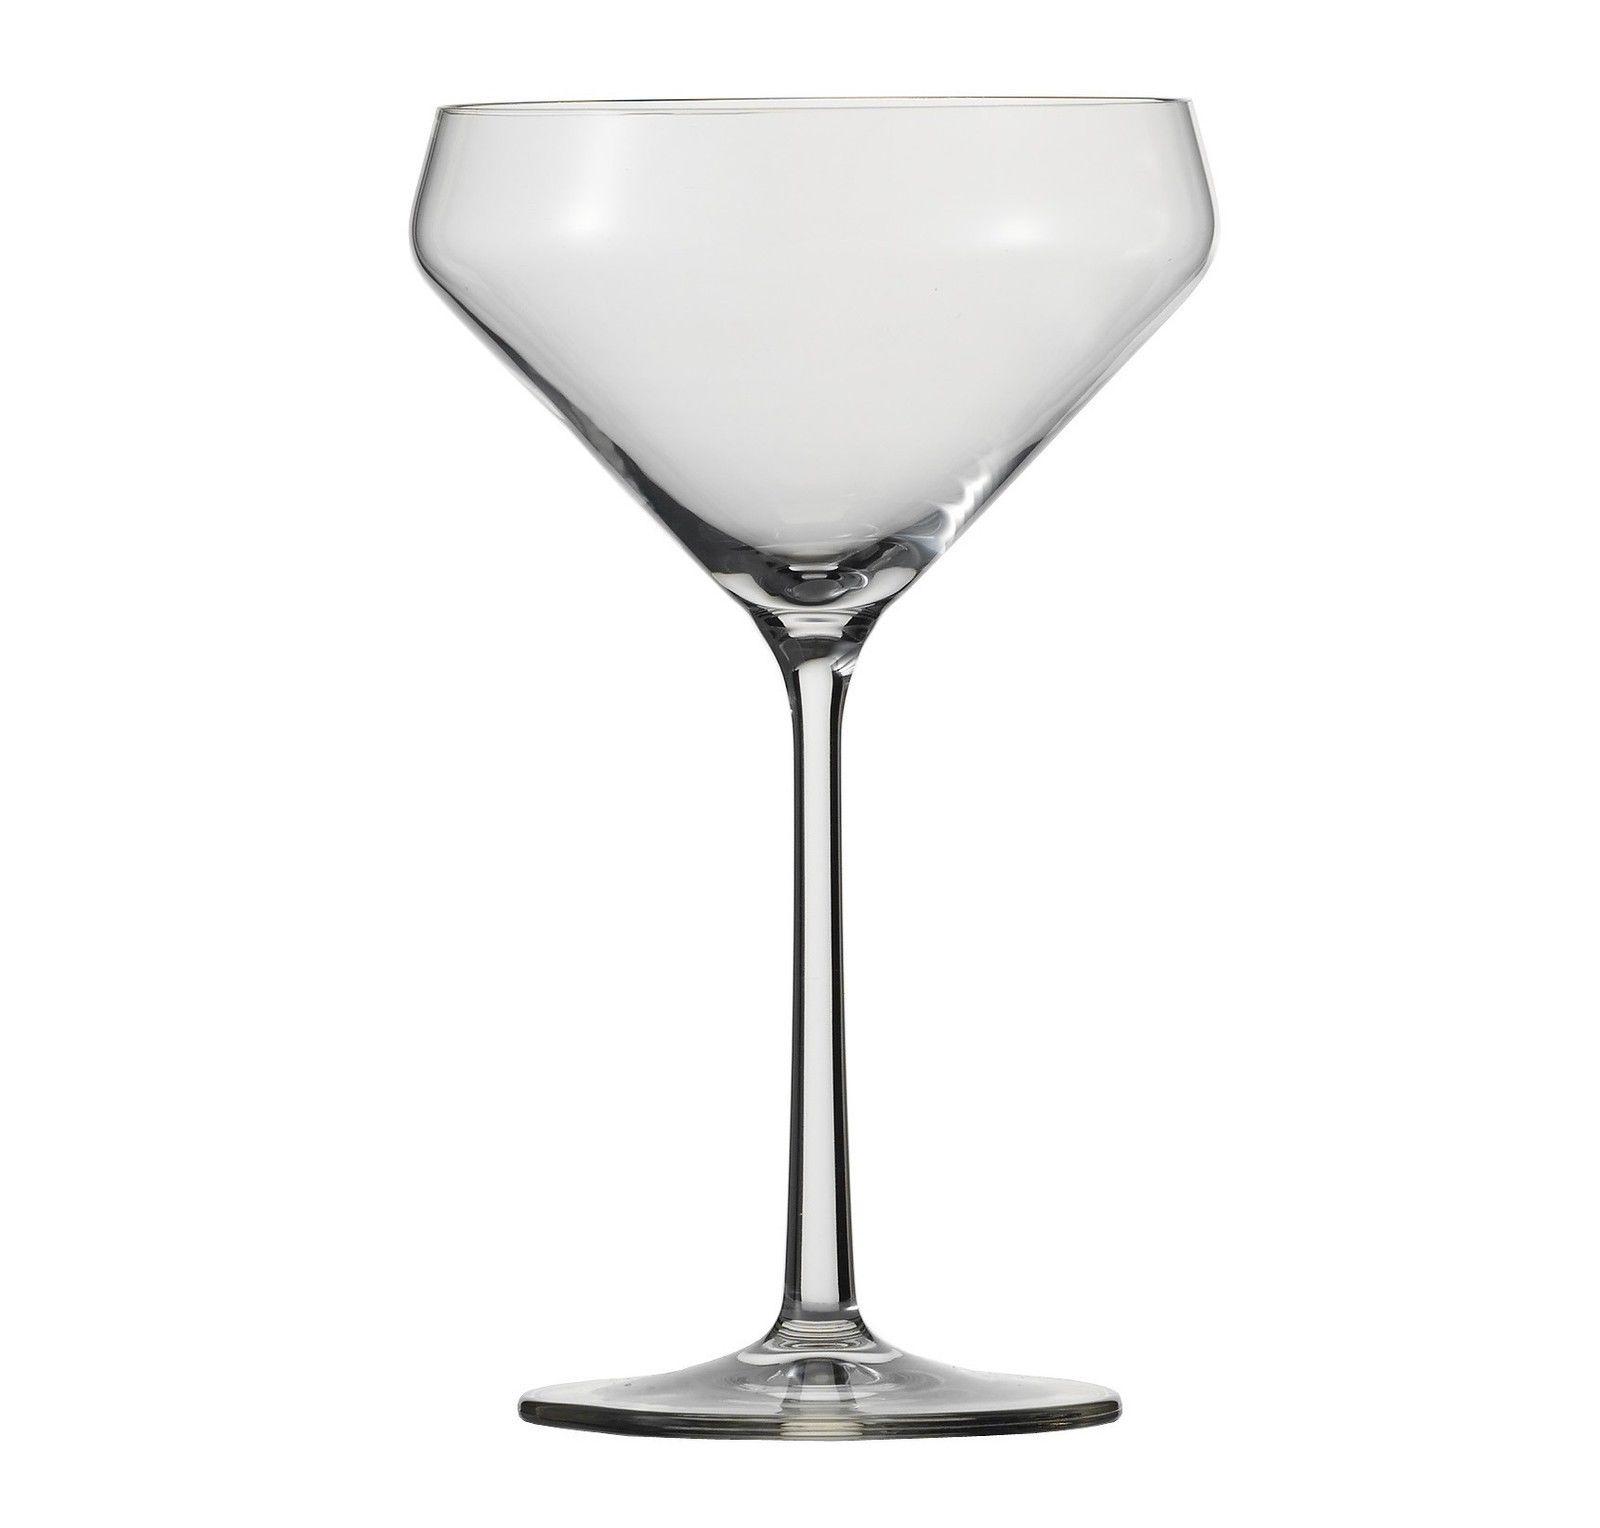 Набор бокалов для мартини Schott Zwiesel PURE, объем 0,343 л, прозрачный, 6 штук Schott Zwiesel 113755_6шт фото 1